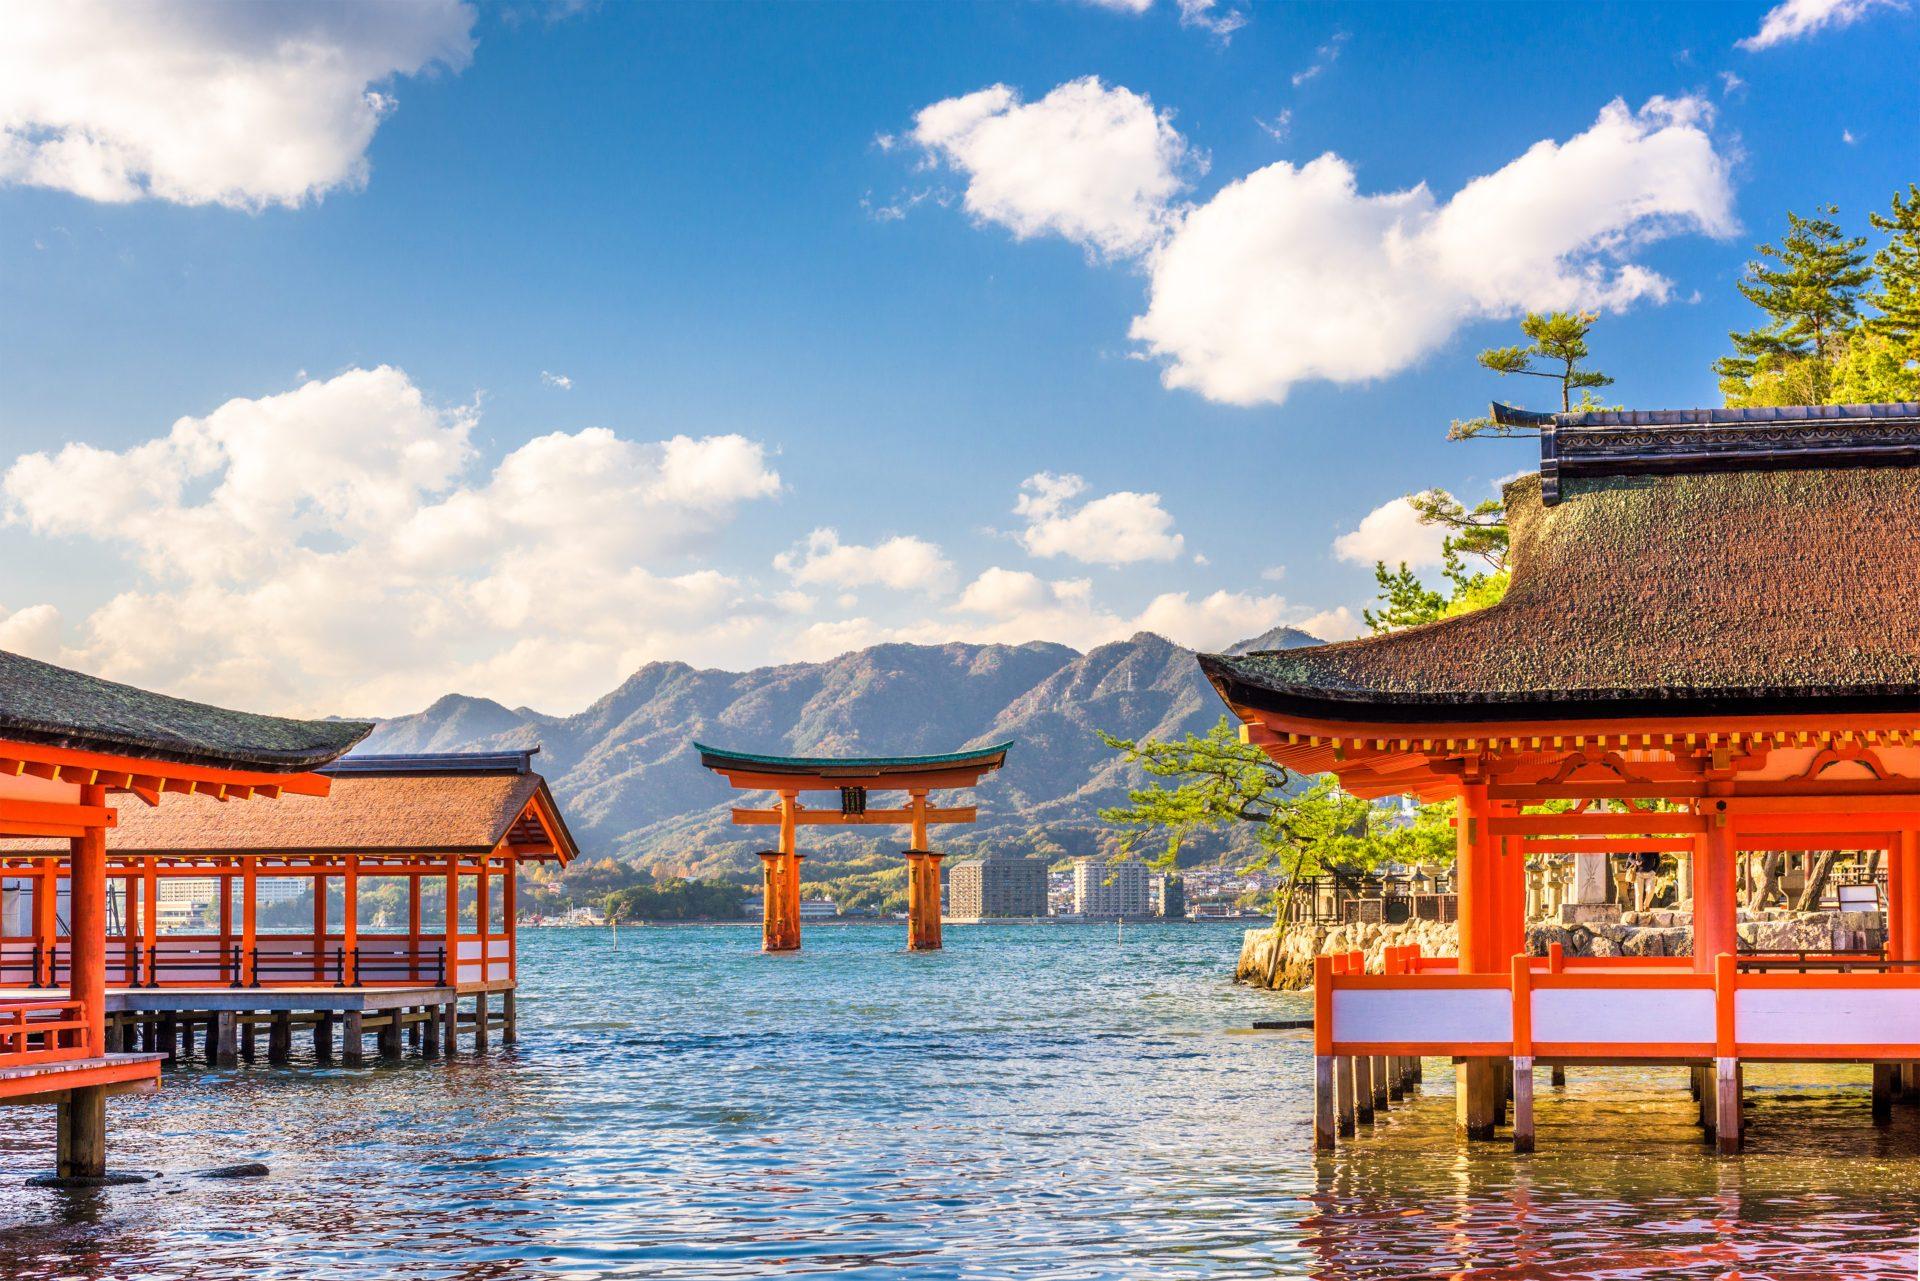 """giá bitcoin: Nhật Bản thông qua dự thảo sửa đổi luật quản lý tiền điện tử, không còn gọi là """"tiền ảo"""" nữa"""